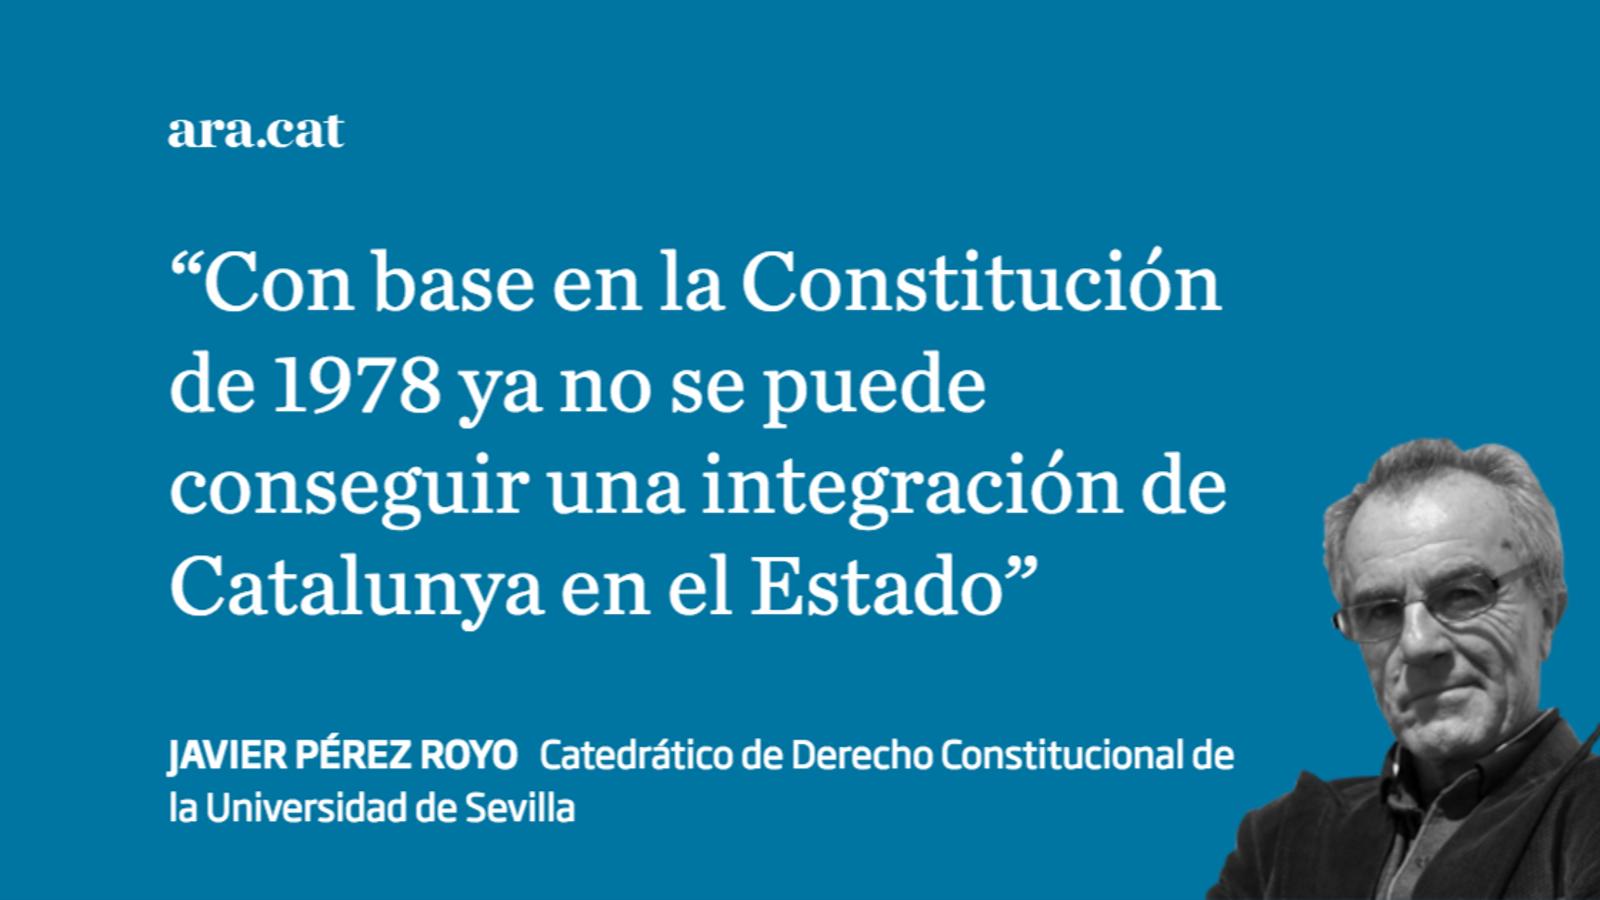 La Constitución Territorial es traicionera